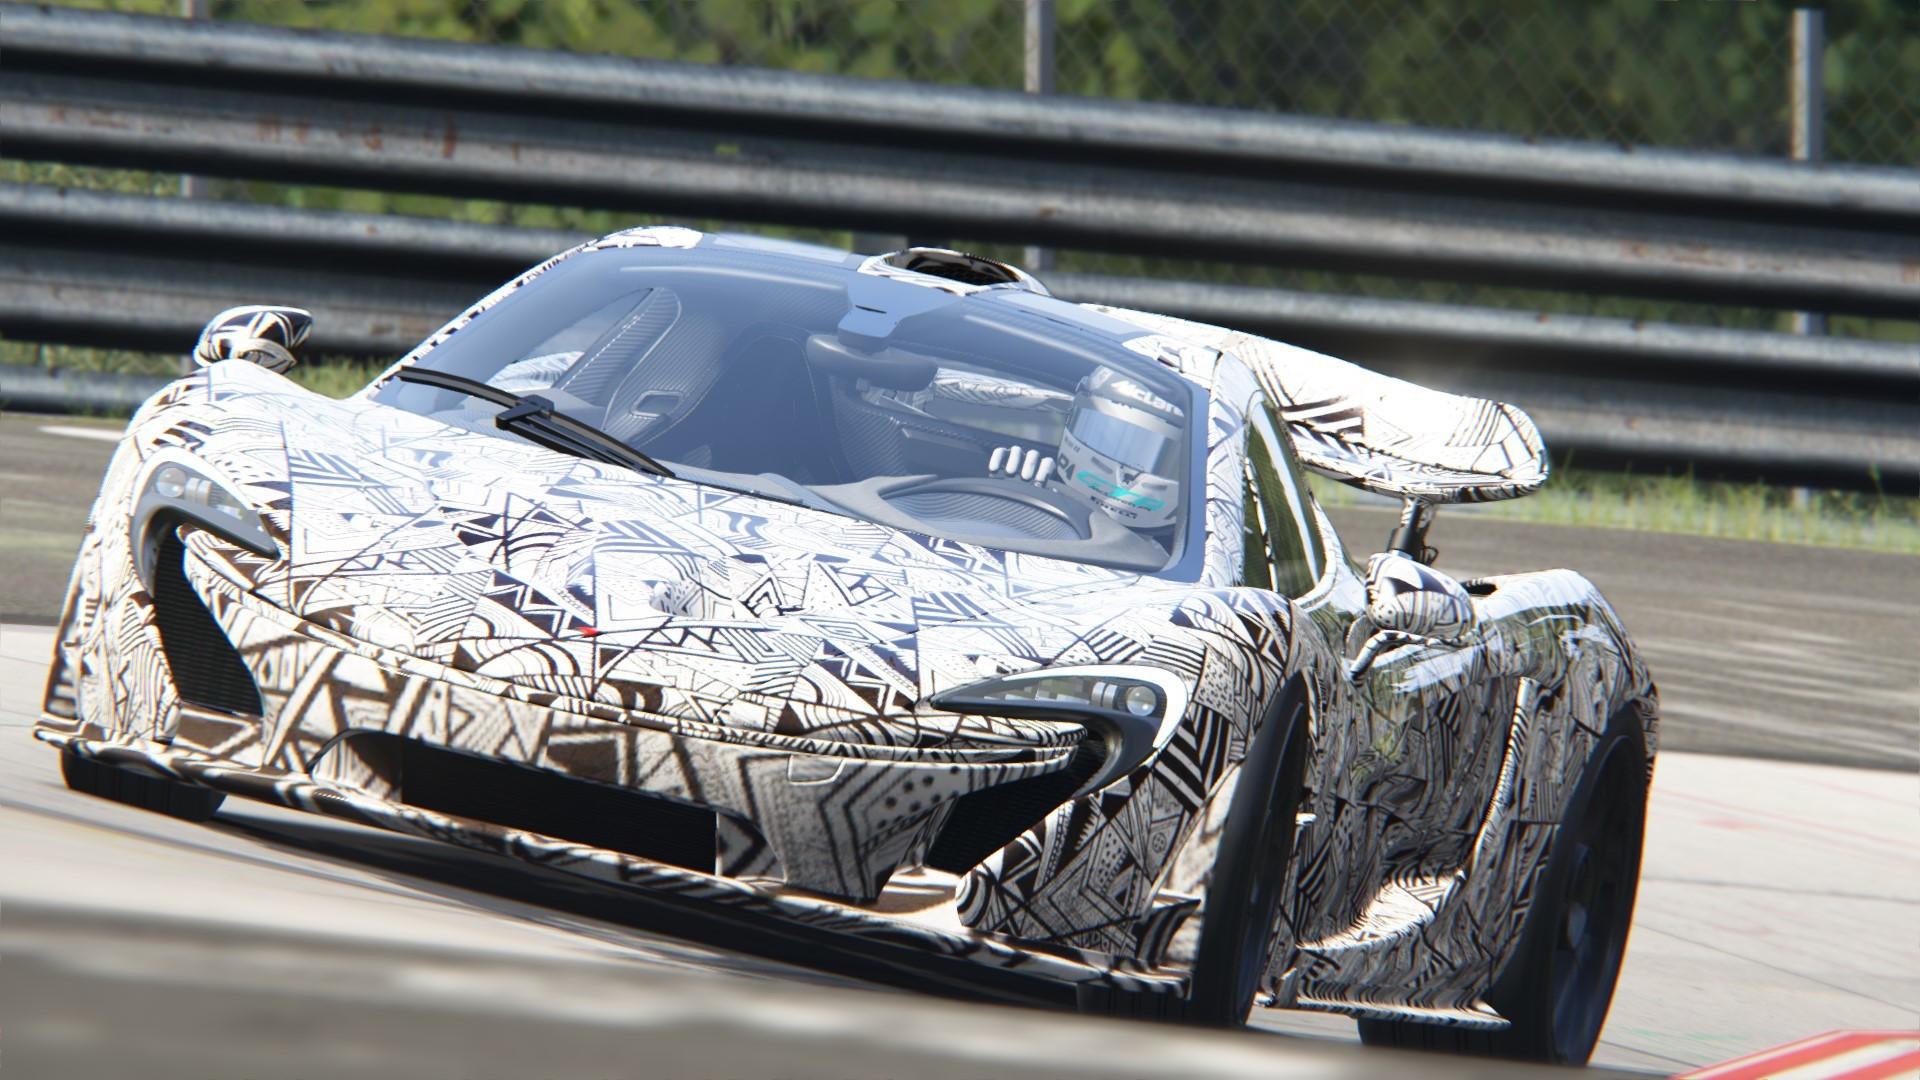 saharat ounaim - mclaren p1 spy shot at nürburgring